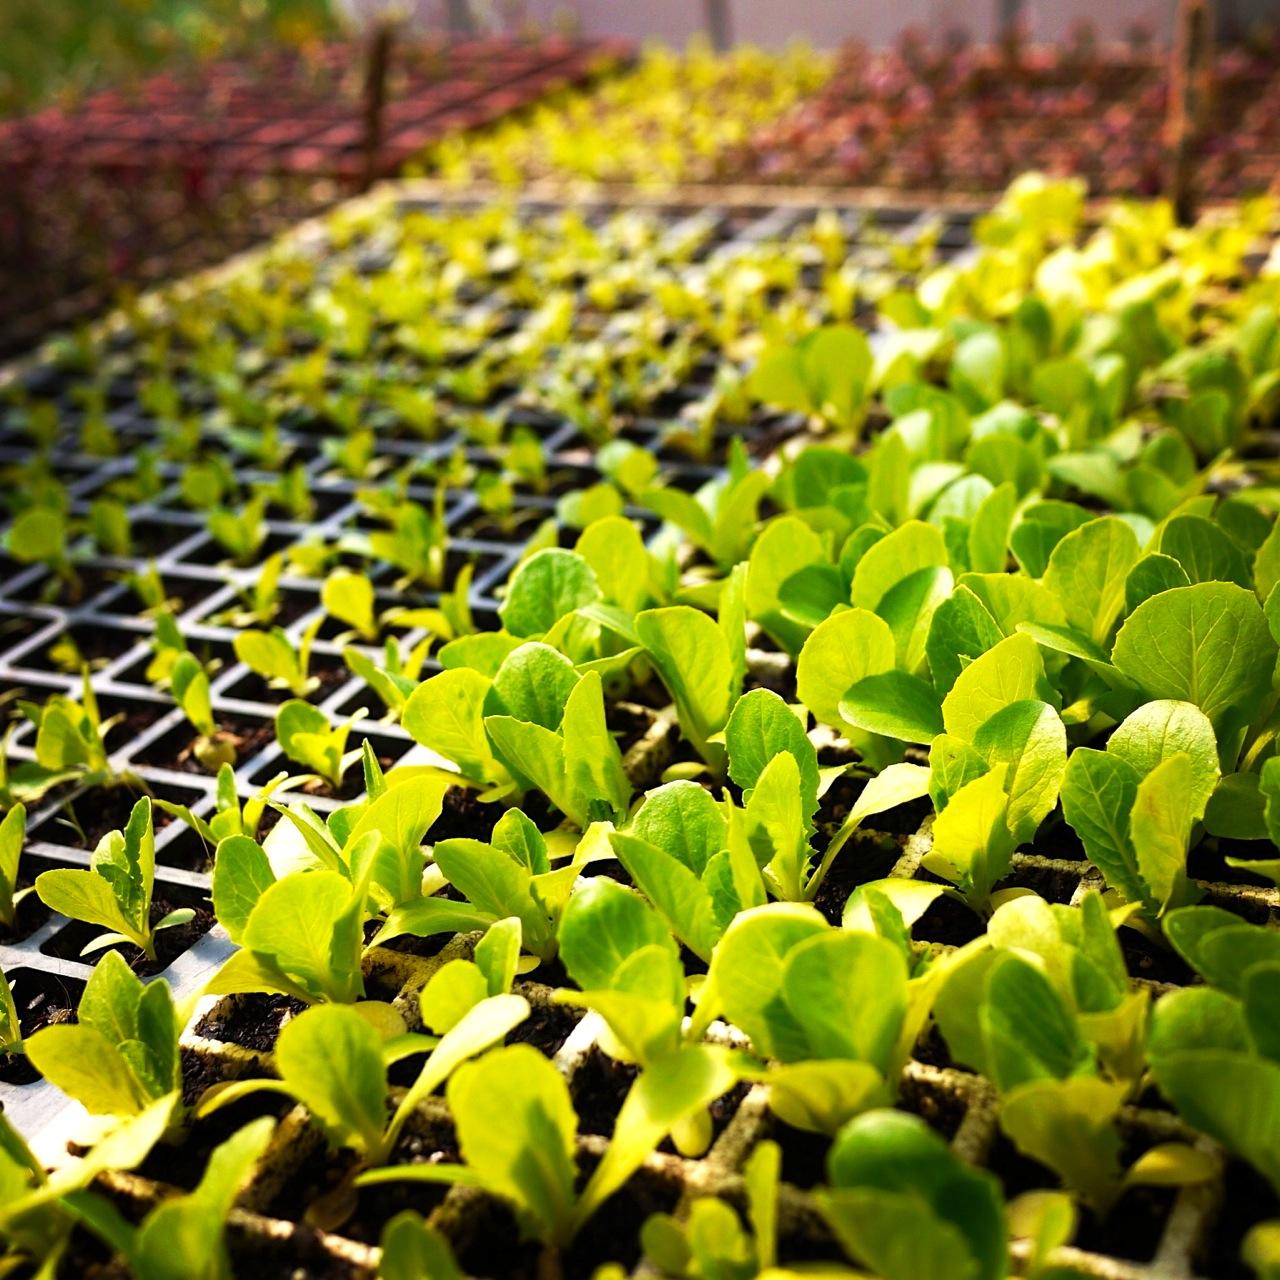 1309 seedlings - 1